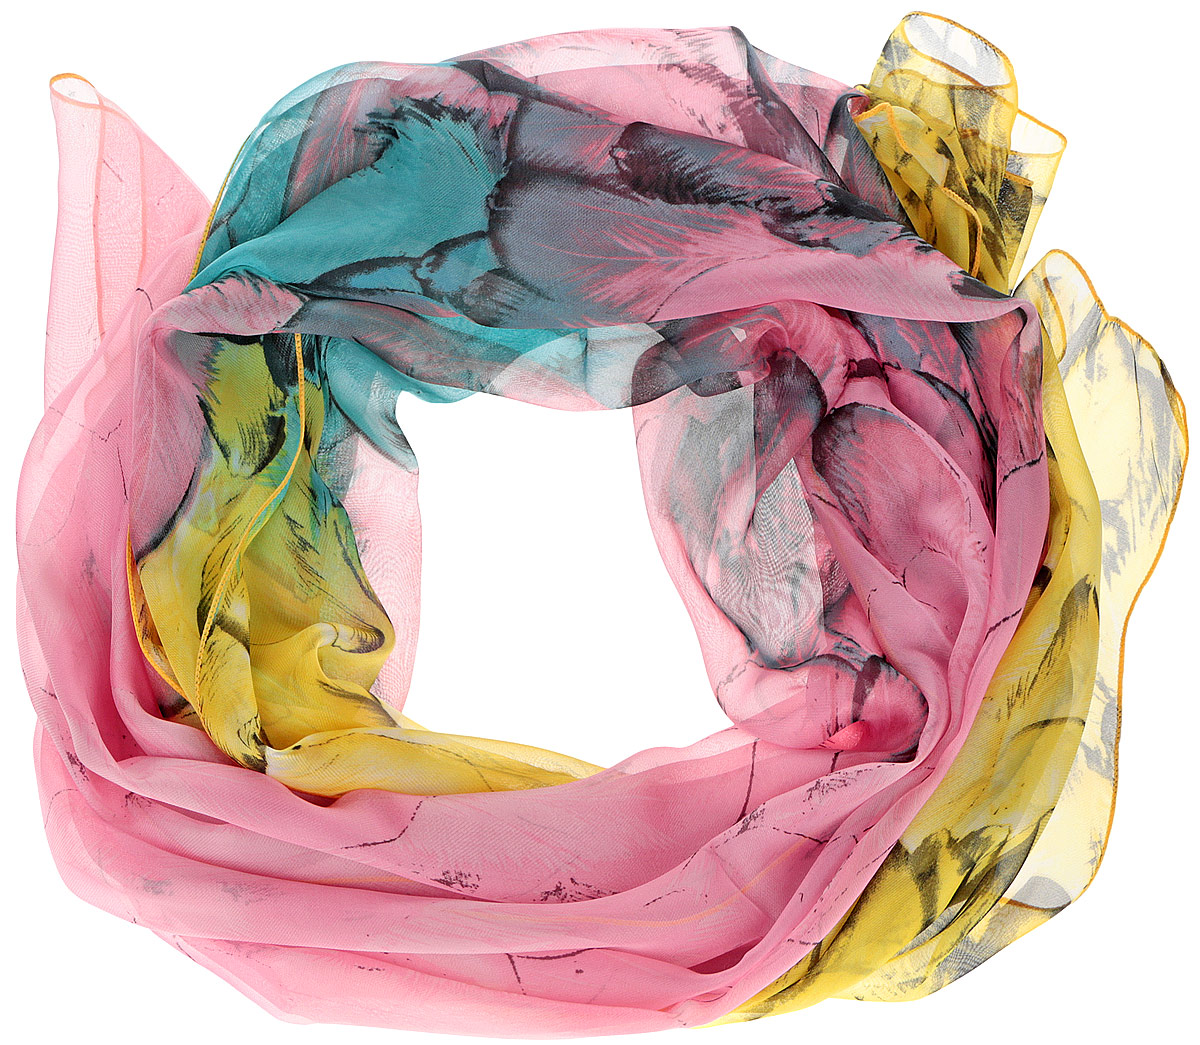 Шарф женский Fabretti, цвет: розовый, желтый, бирюзовый. RL0055-2. Размер 180 см х 95 смRL0055-2Женский шарф Fabretti, выполненный из полиэстера с добавлением шелка, станет ярким дополнением к вашему гардеробу. Изделие легкое и воздушное, имеет приятную текстуру. Модель оформлена принтом с изображением перьев. Этот модный аксессуар гармонично дополнит образ современной женщины, следящей за своим имиджем и стремящейся всегда оставаться стильной и элегантной.